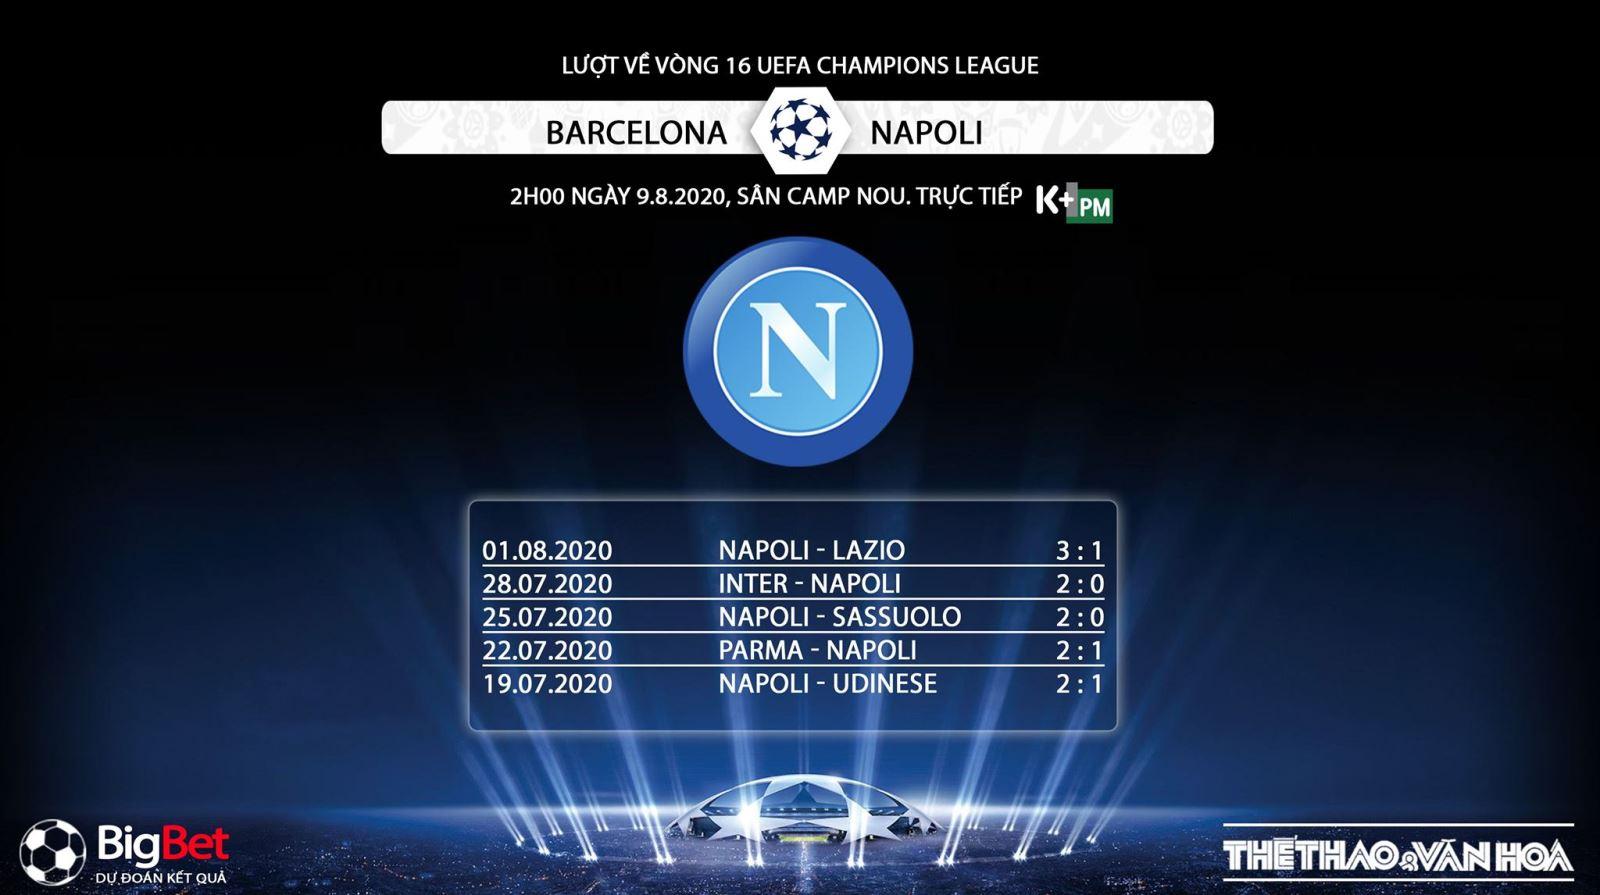 Barcelona vs Napoli, Barcelona, Napoli, trực tiếp bóng đá, trực tiếp Barcelona vs Napoli, lịch thi đấu bóng đá, soi kèo, kèo bóng đá